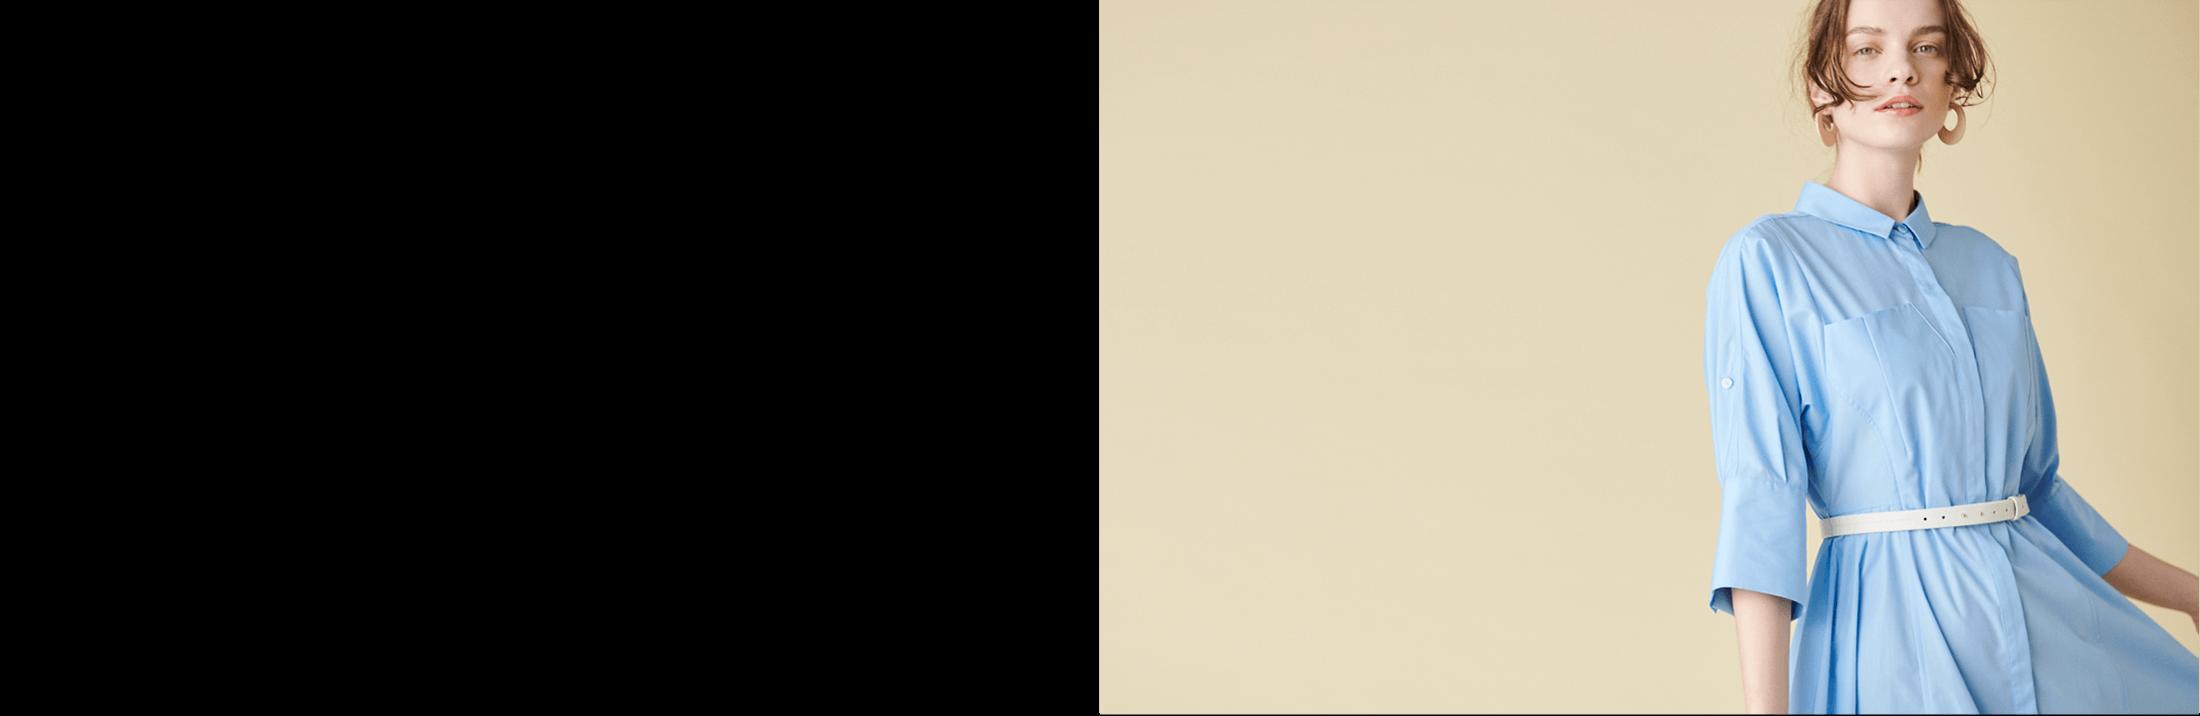 STYLE NEW WARDROBE スタイリングをアップデートする4つのキーアイテム